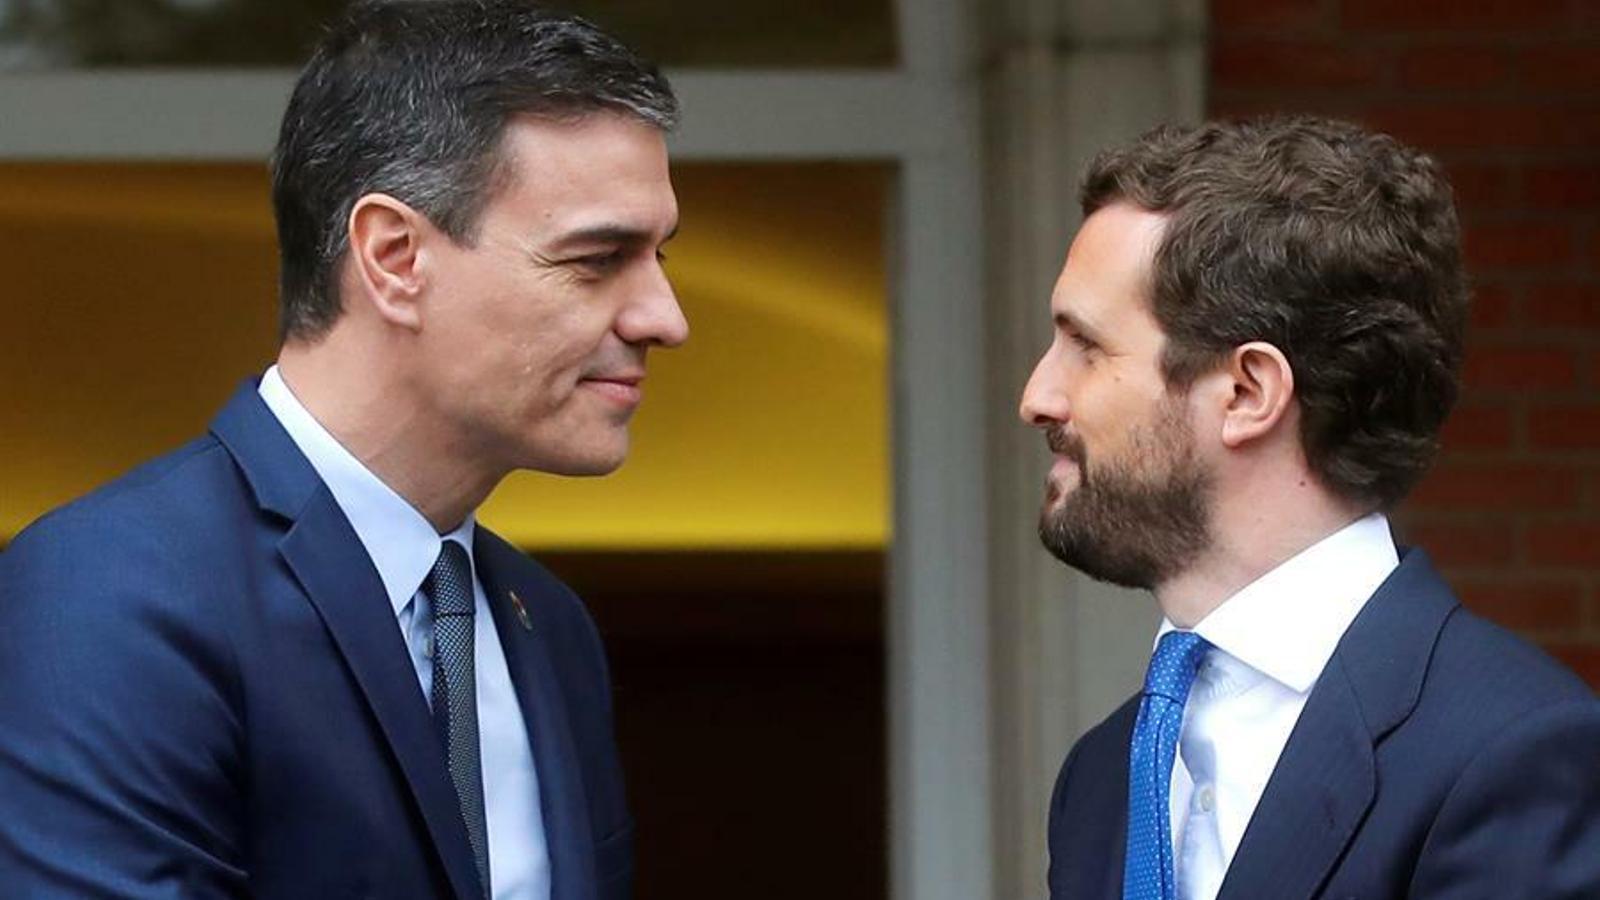 El president del govern espanyol, Pedro Sánchez, rep el líder del PP, Pablo Casado, a la Moncloa en la primera reunió des de la investidura i de la formació del govern de coalició.